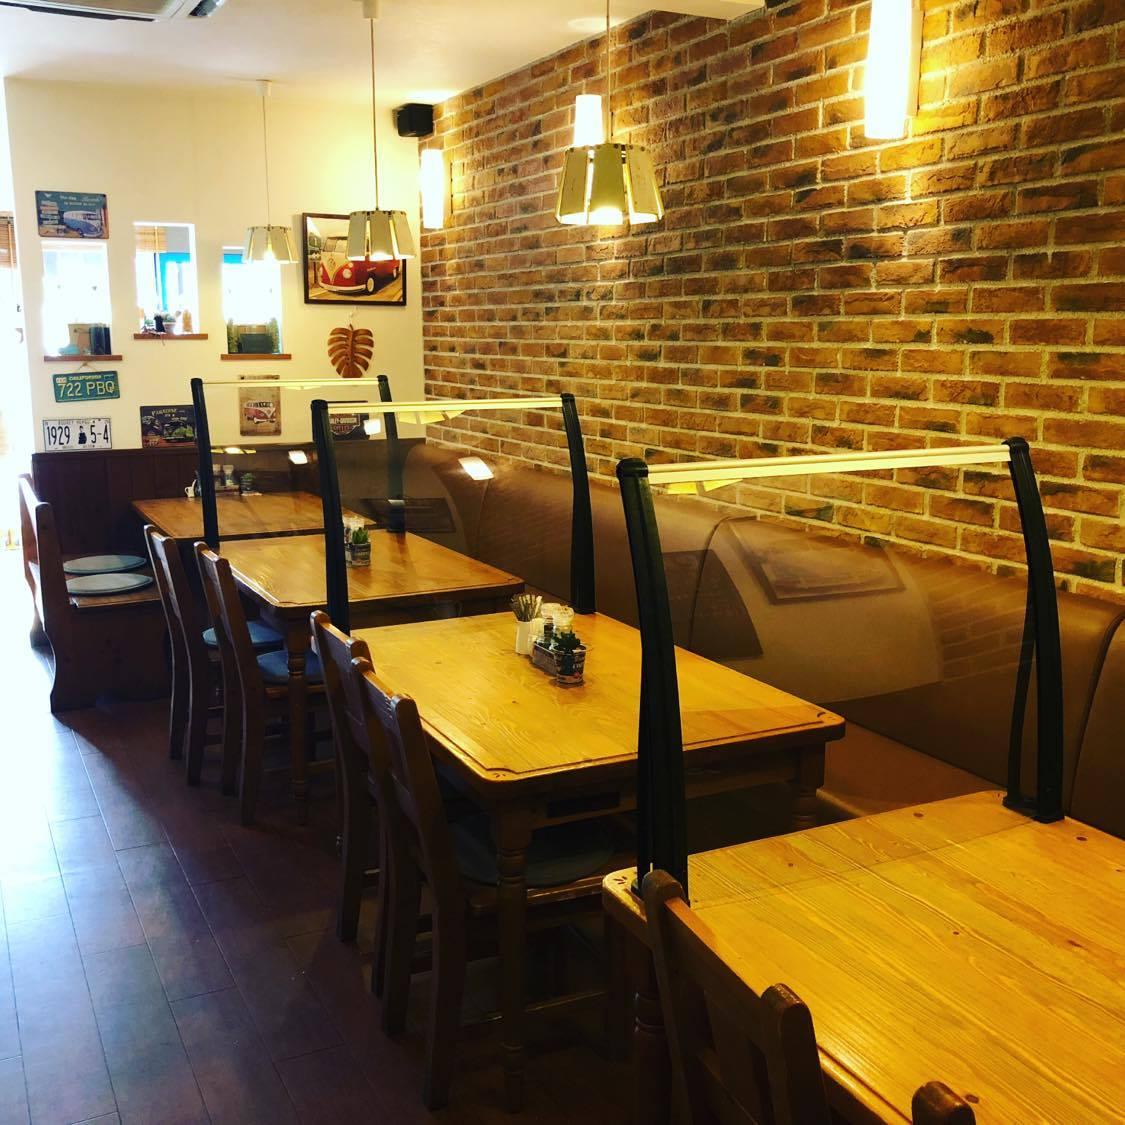 ひさし専門店の「逆転」のアイデア!ひさしを逆さにした飲食店向け飛沫防止パーテーション「ヒサシールド・テーブルパーテーション」が誕生。